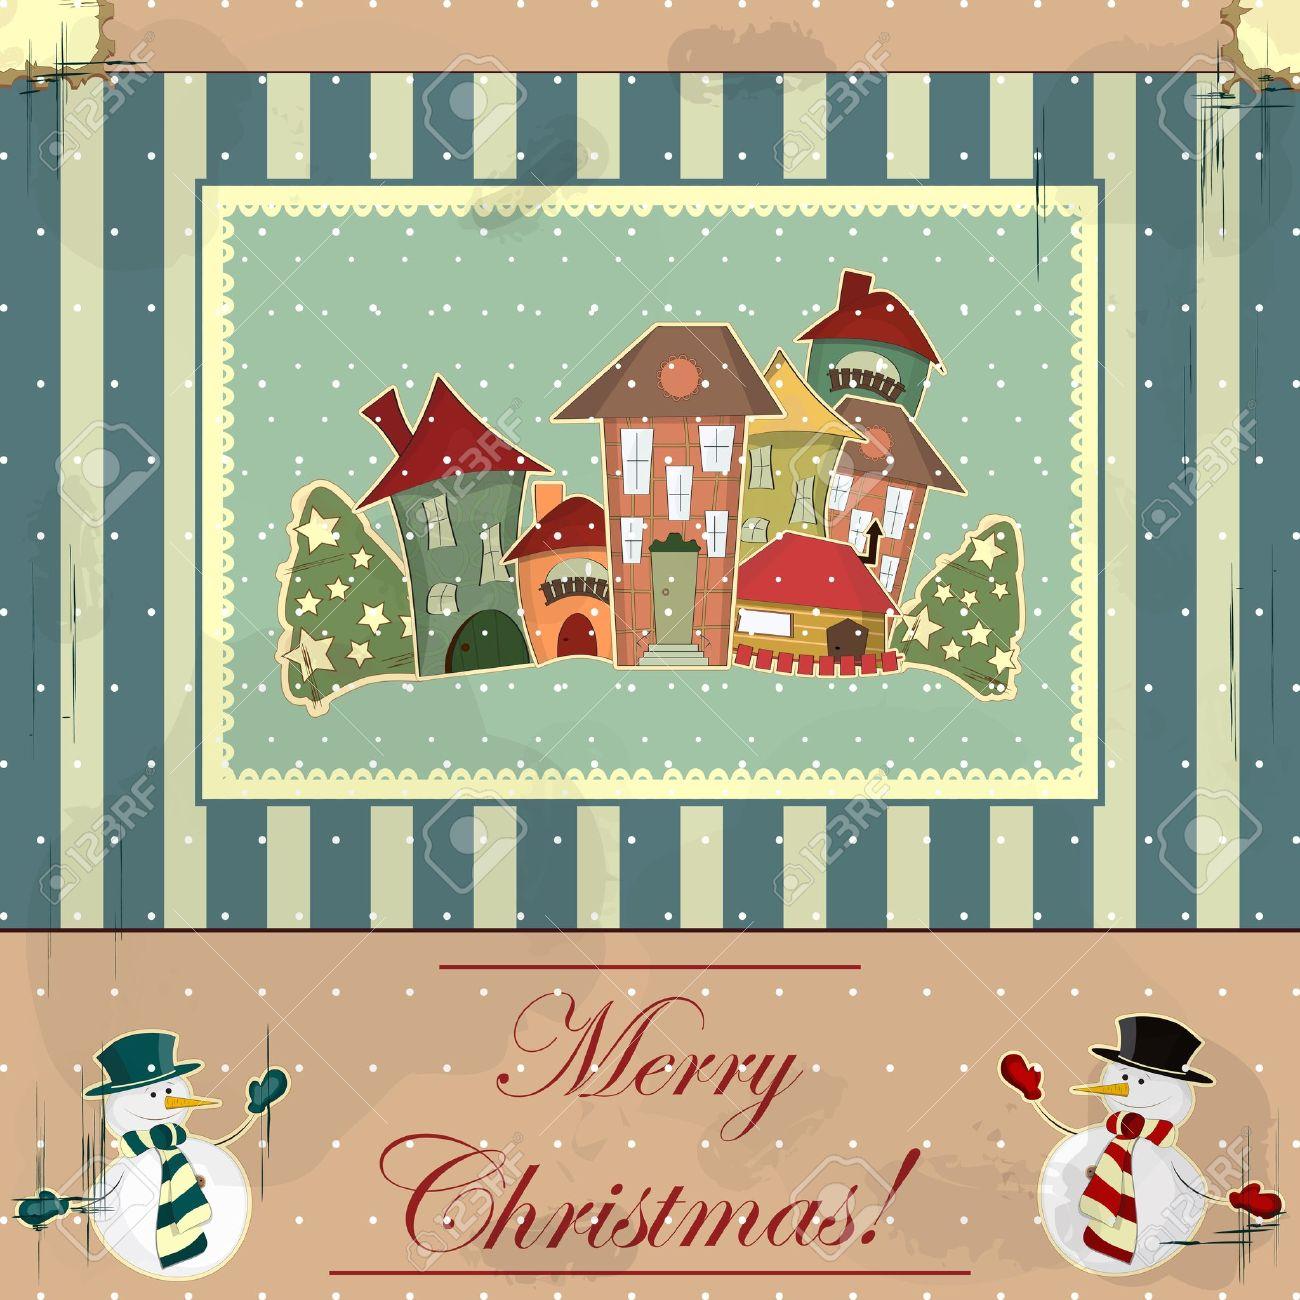 Immagini Vintage Natale.Vettoriale Cartolina Di Natale In Stile Vintage Case Retro Nella Neve Image 11321588